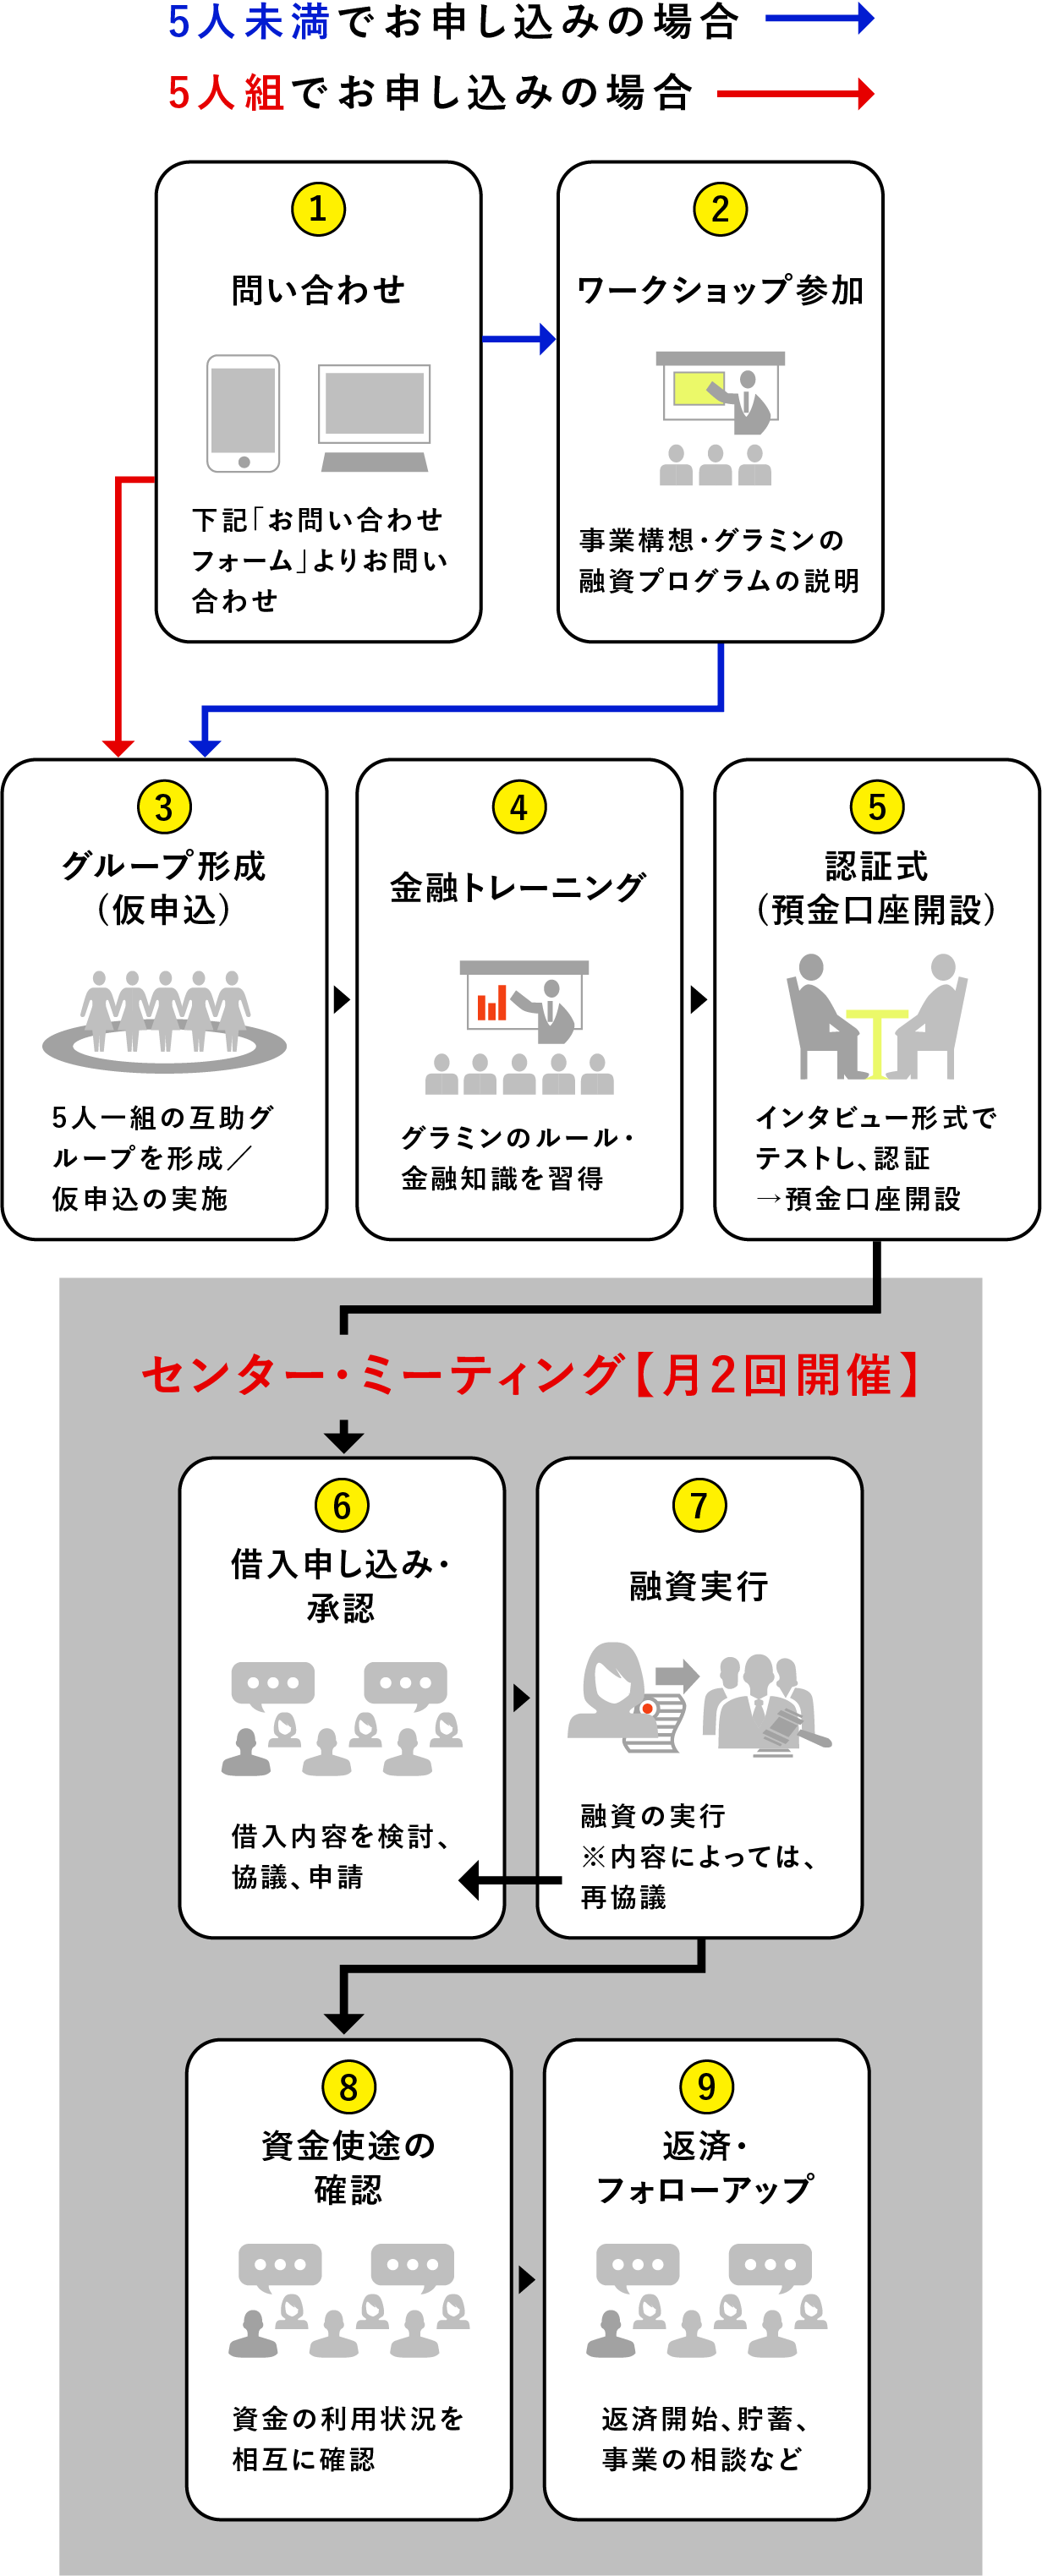 問い合わせ・説明会予約(「問い合わせフォーム」(下記)より、説明会の予約) → 説明会参加(グラミンのプログラム説明・意見交換) → グループ形成(仮申込)(5人一組の互助グループを形成/仮申込の実施) → 金融トレーニング(5日間)(グラミンのルール・金融知識を習得) → 認証式(預金口座開設)(インタビュー形式でテストし、認証→預金口座開設) → 借入申し込み・承認(借入内容を検討、協議、申請) → 融資実行(融資の実行※内容によっては、再協議) → 資金使徒の確認(資金の利用状況を相互に確認) → 返済・フォローアップ(返済開始、貯蓄、事業の相談など)